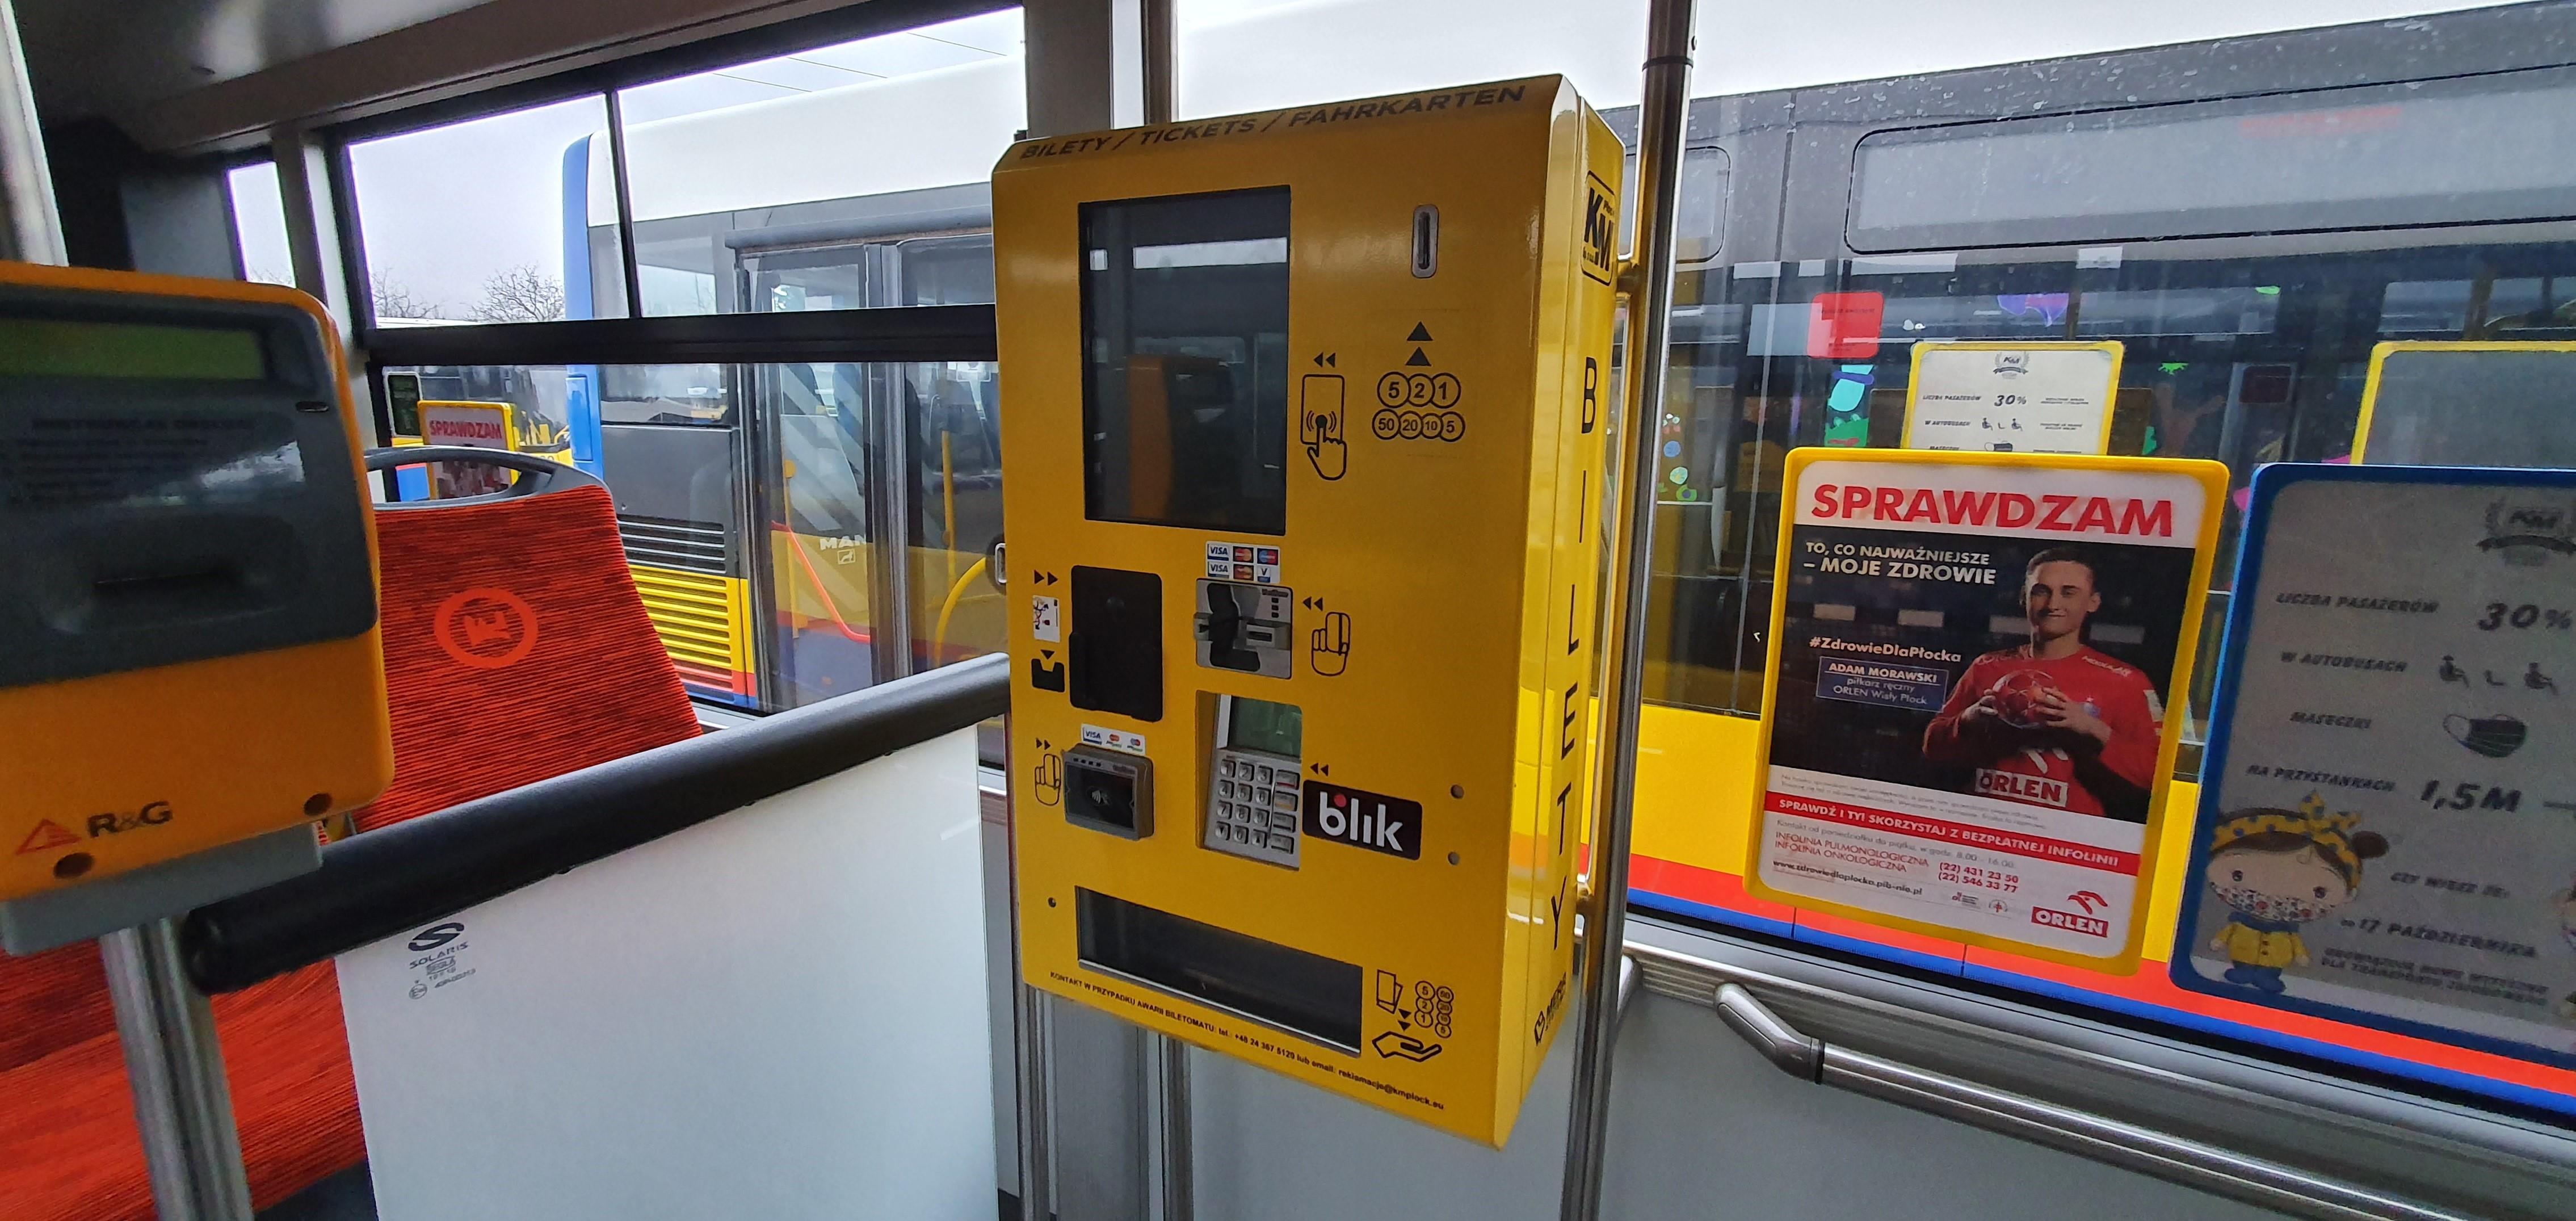 Płatność gotówką znika z autobusów. Jak płocczanie reagują na zmiany?  - Zdjęcie główne